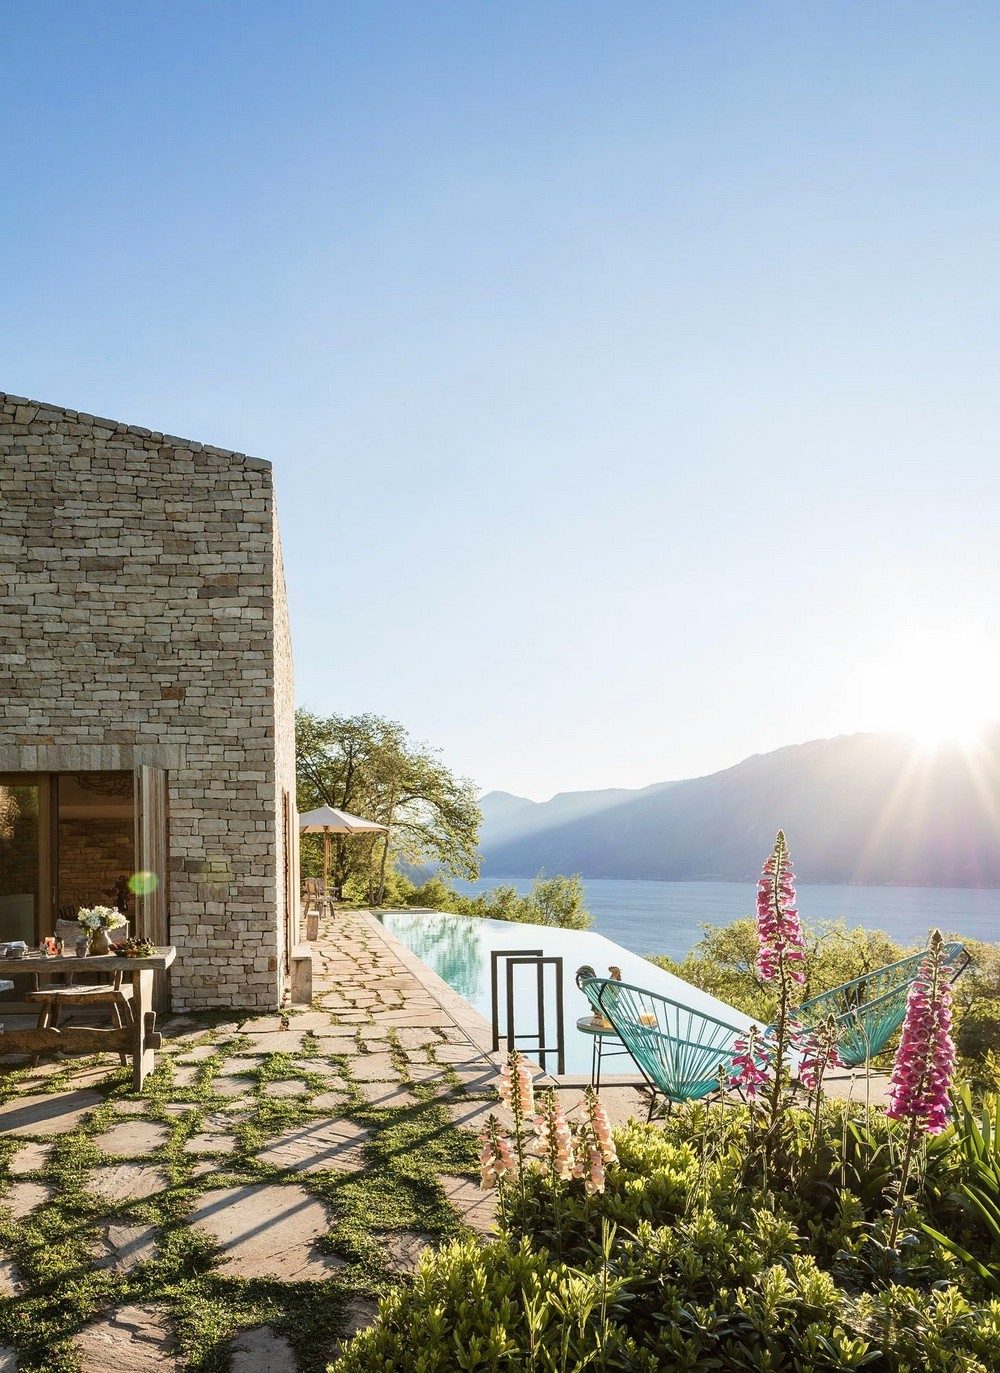 Гостевой дом на крутом склоне в Италии